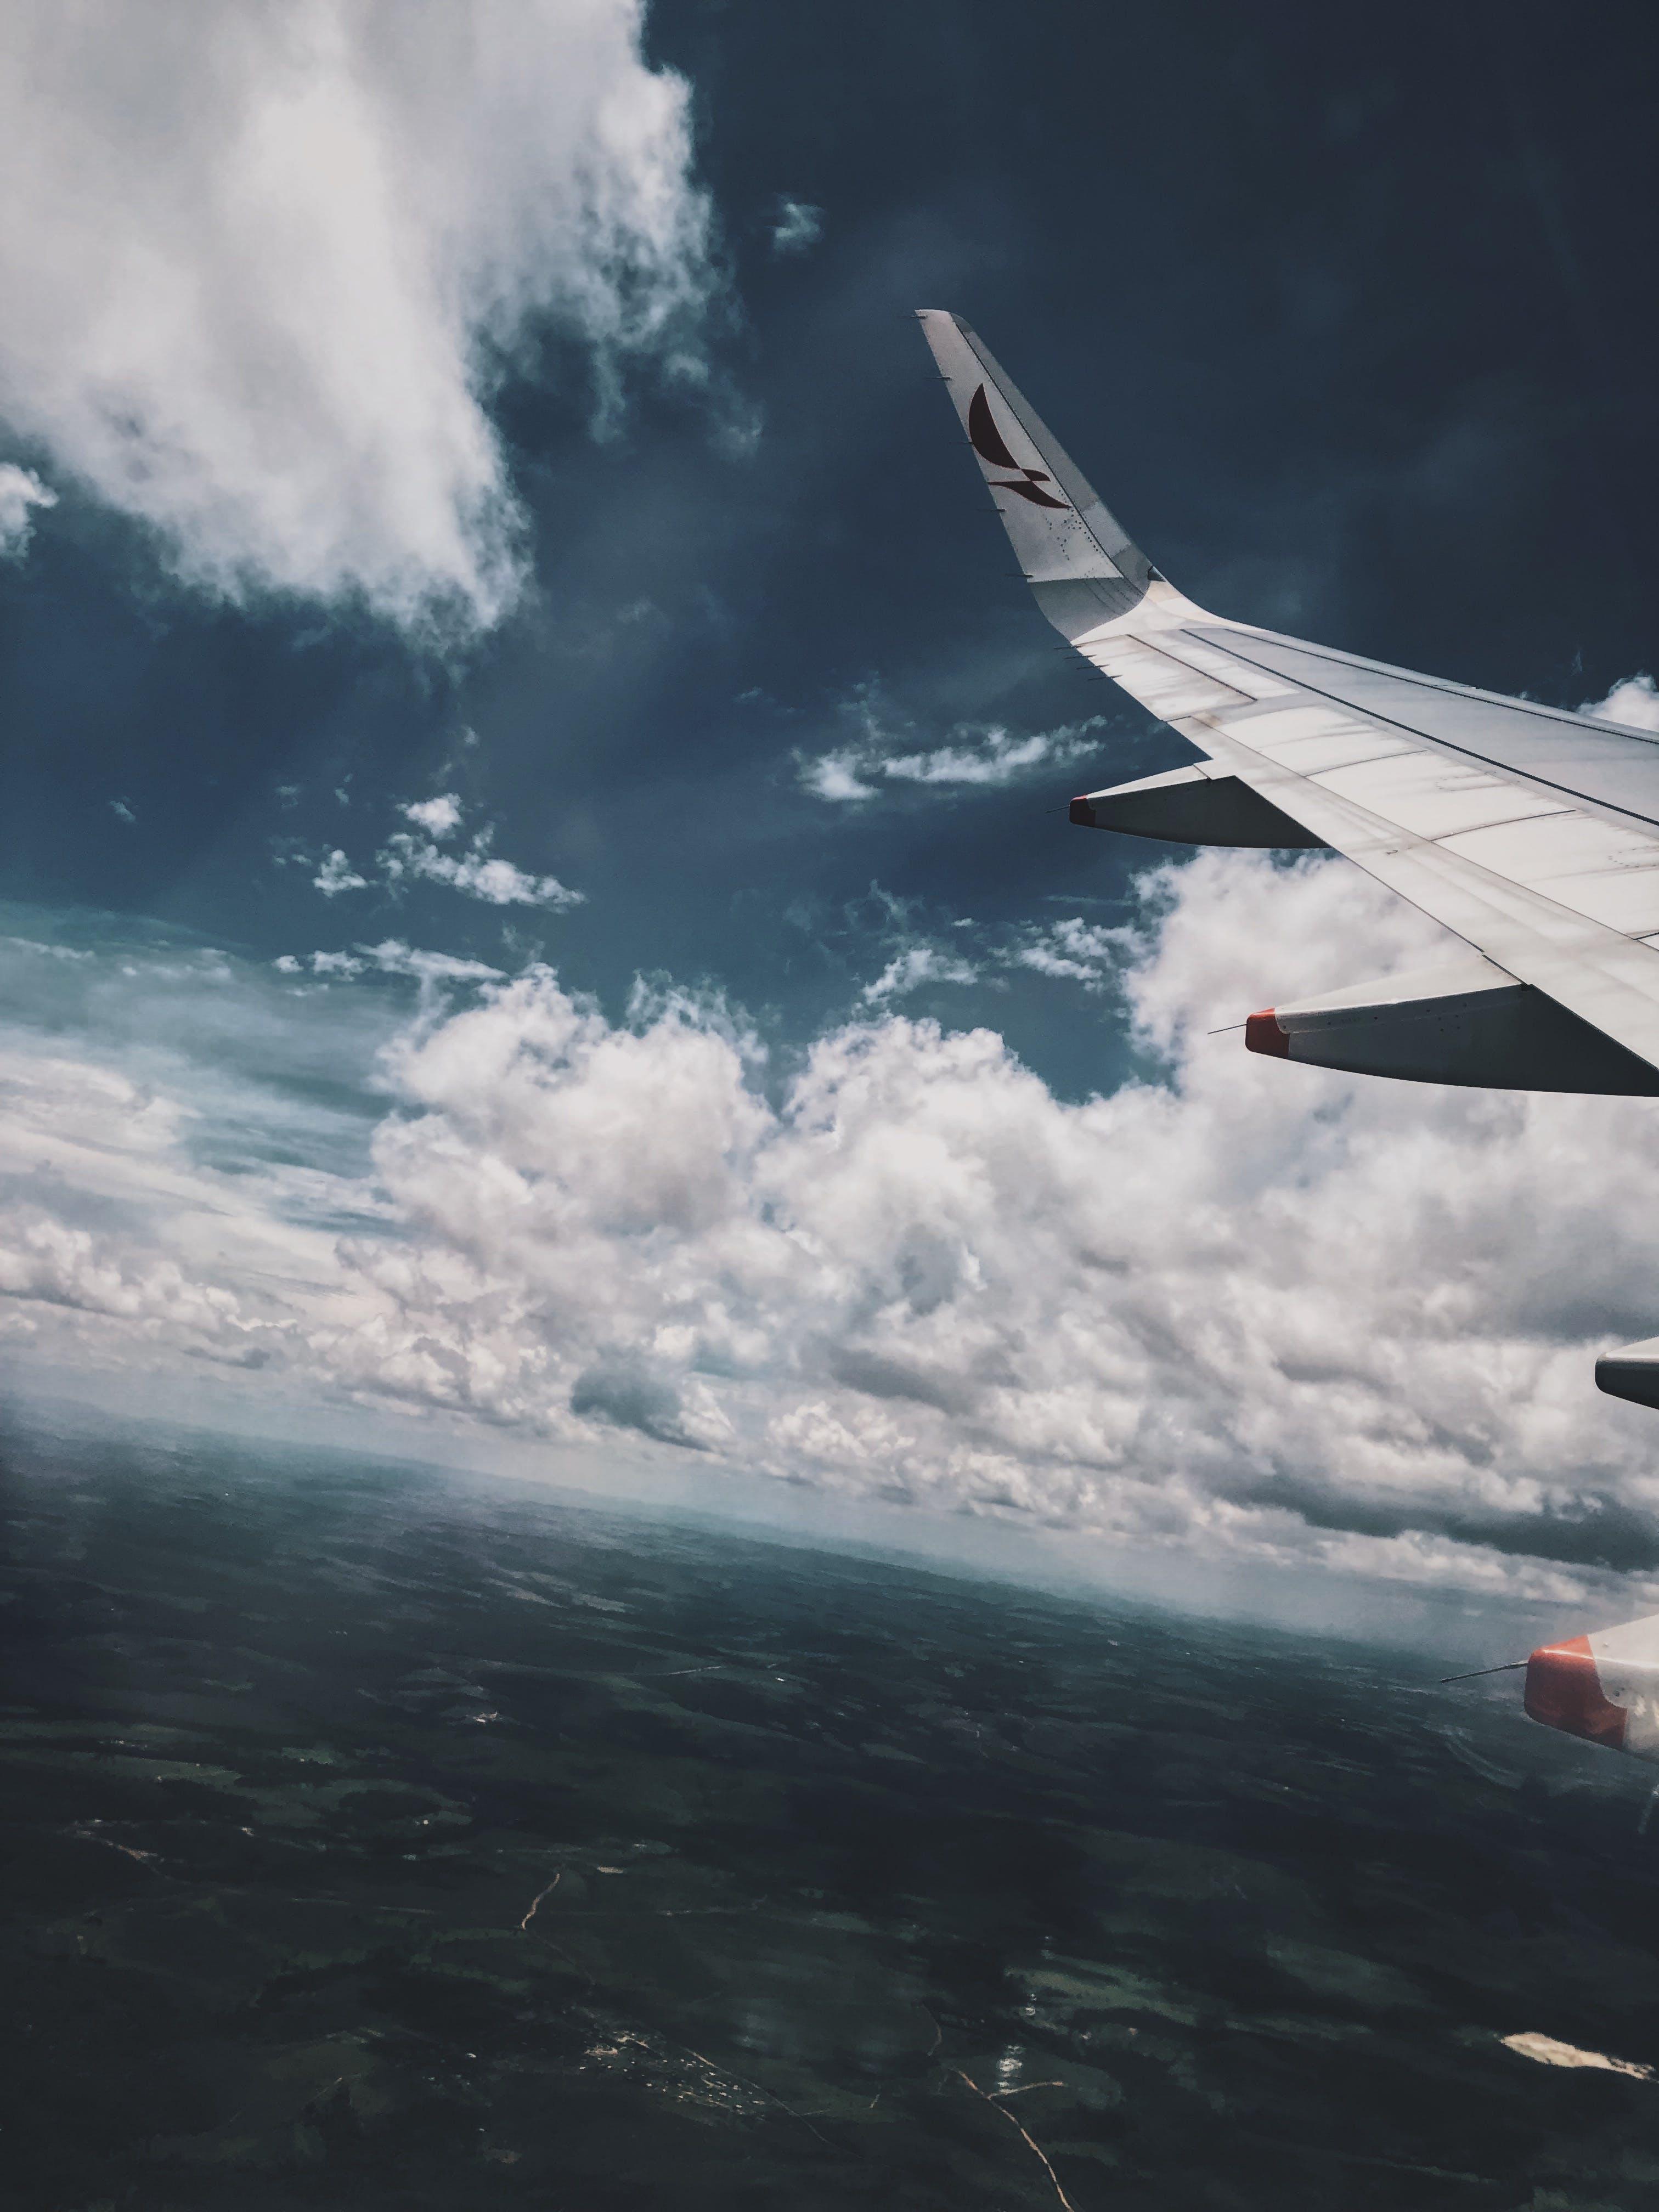 Kostenloses Stock Foto zu aviate, draußen, fliegen, flug